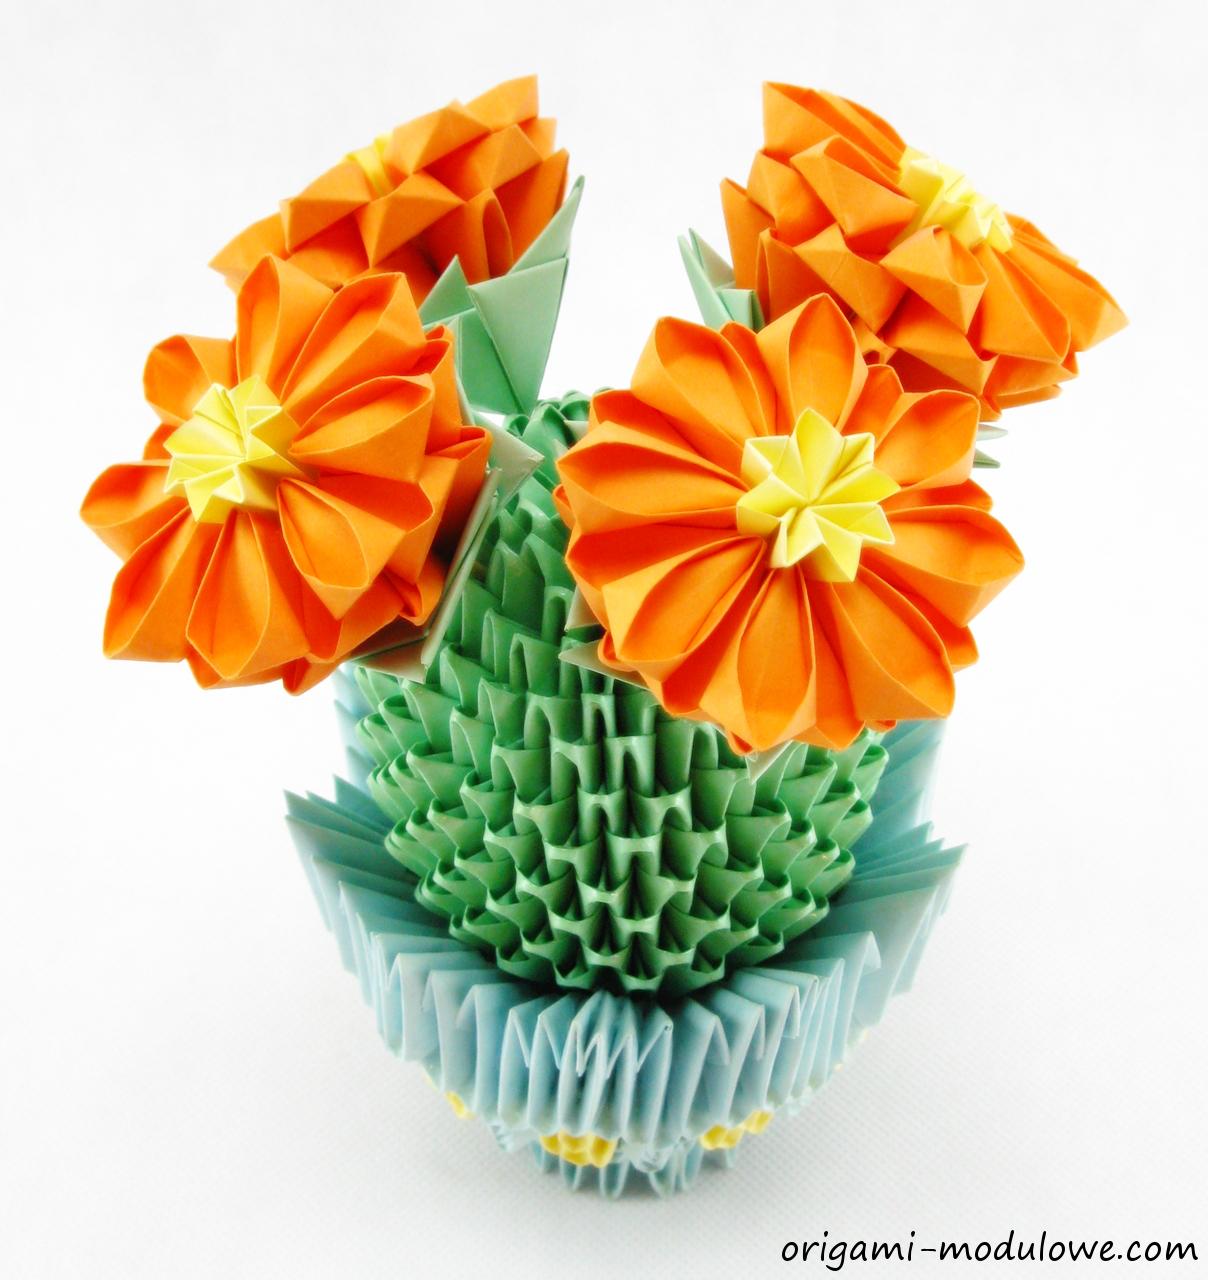 Origami modułowe – Kaktus | Origami Modułowe